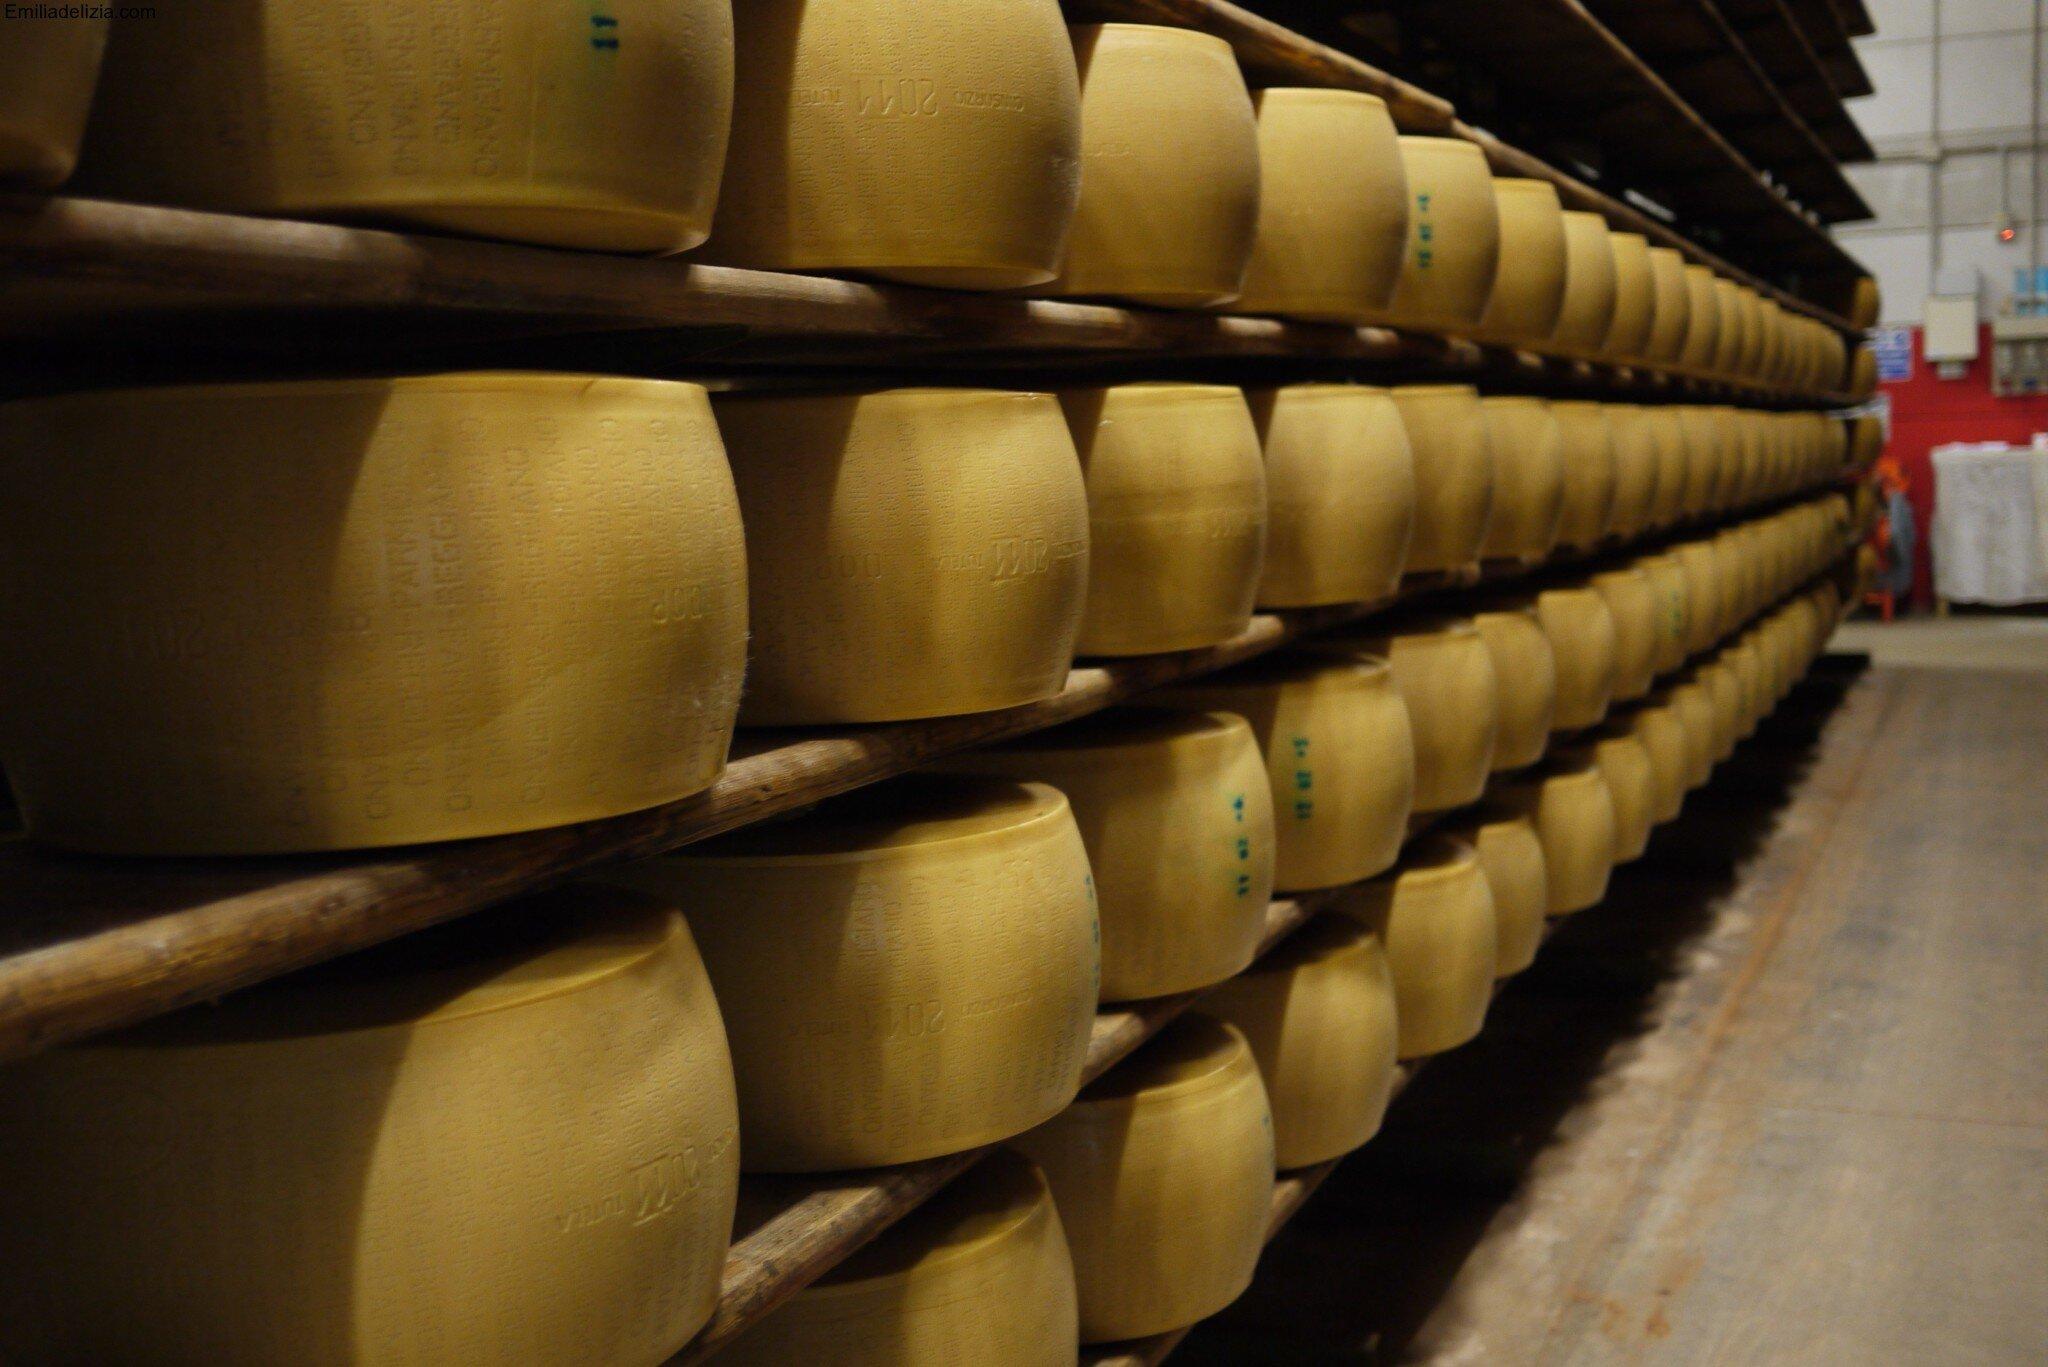 Parmesan Cheese Factory Tour Parma